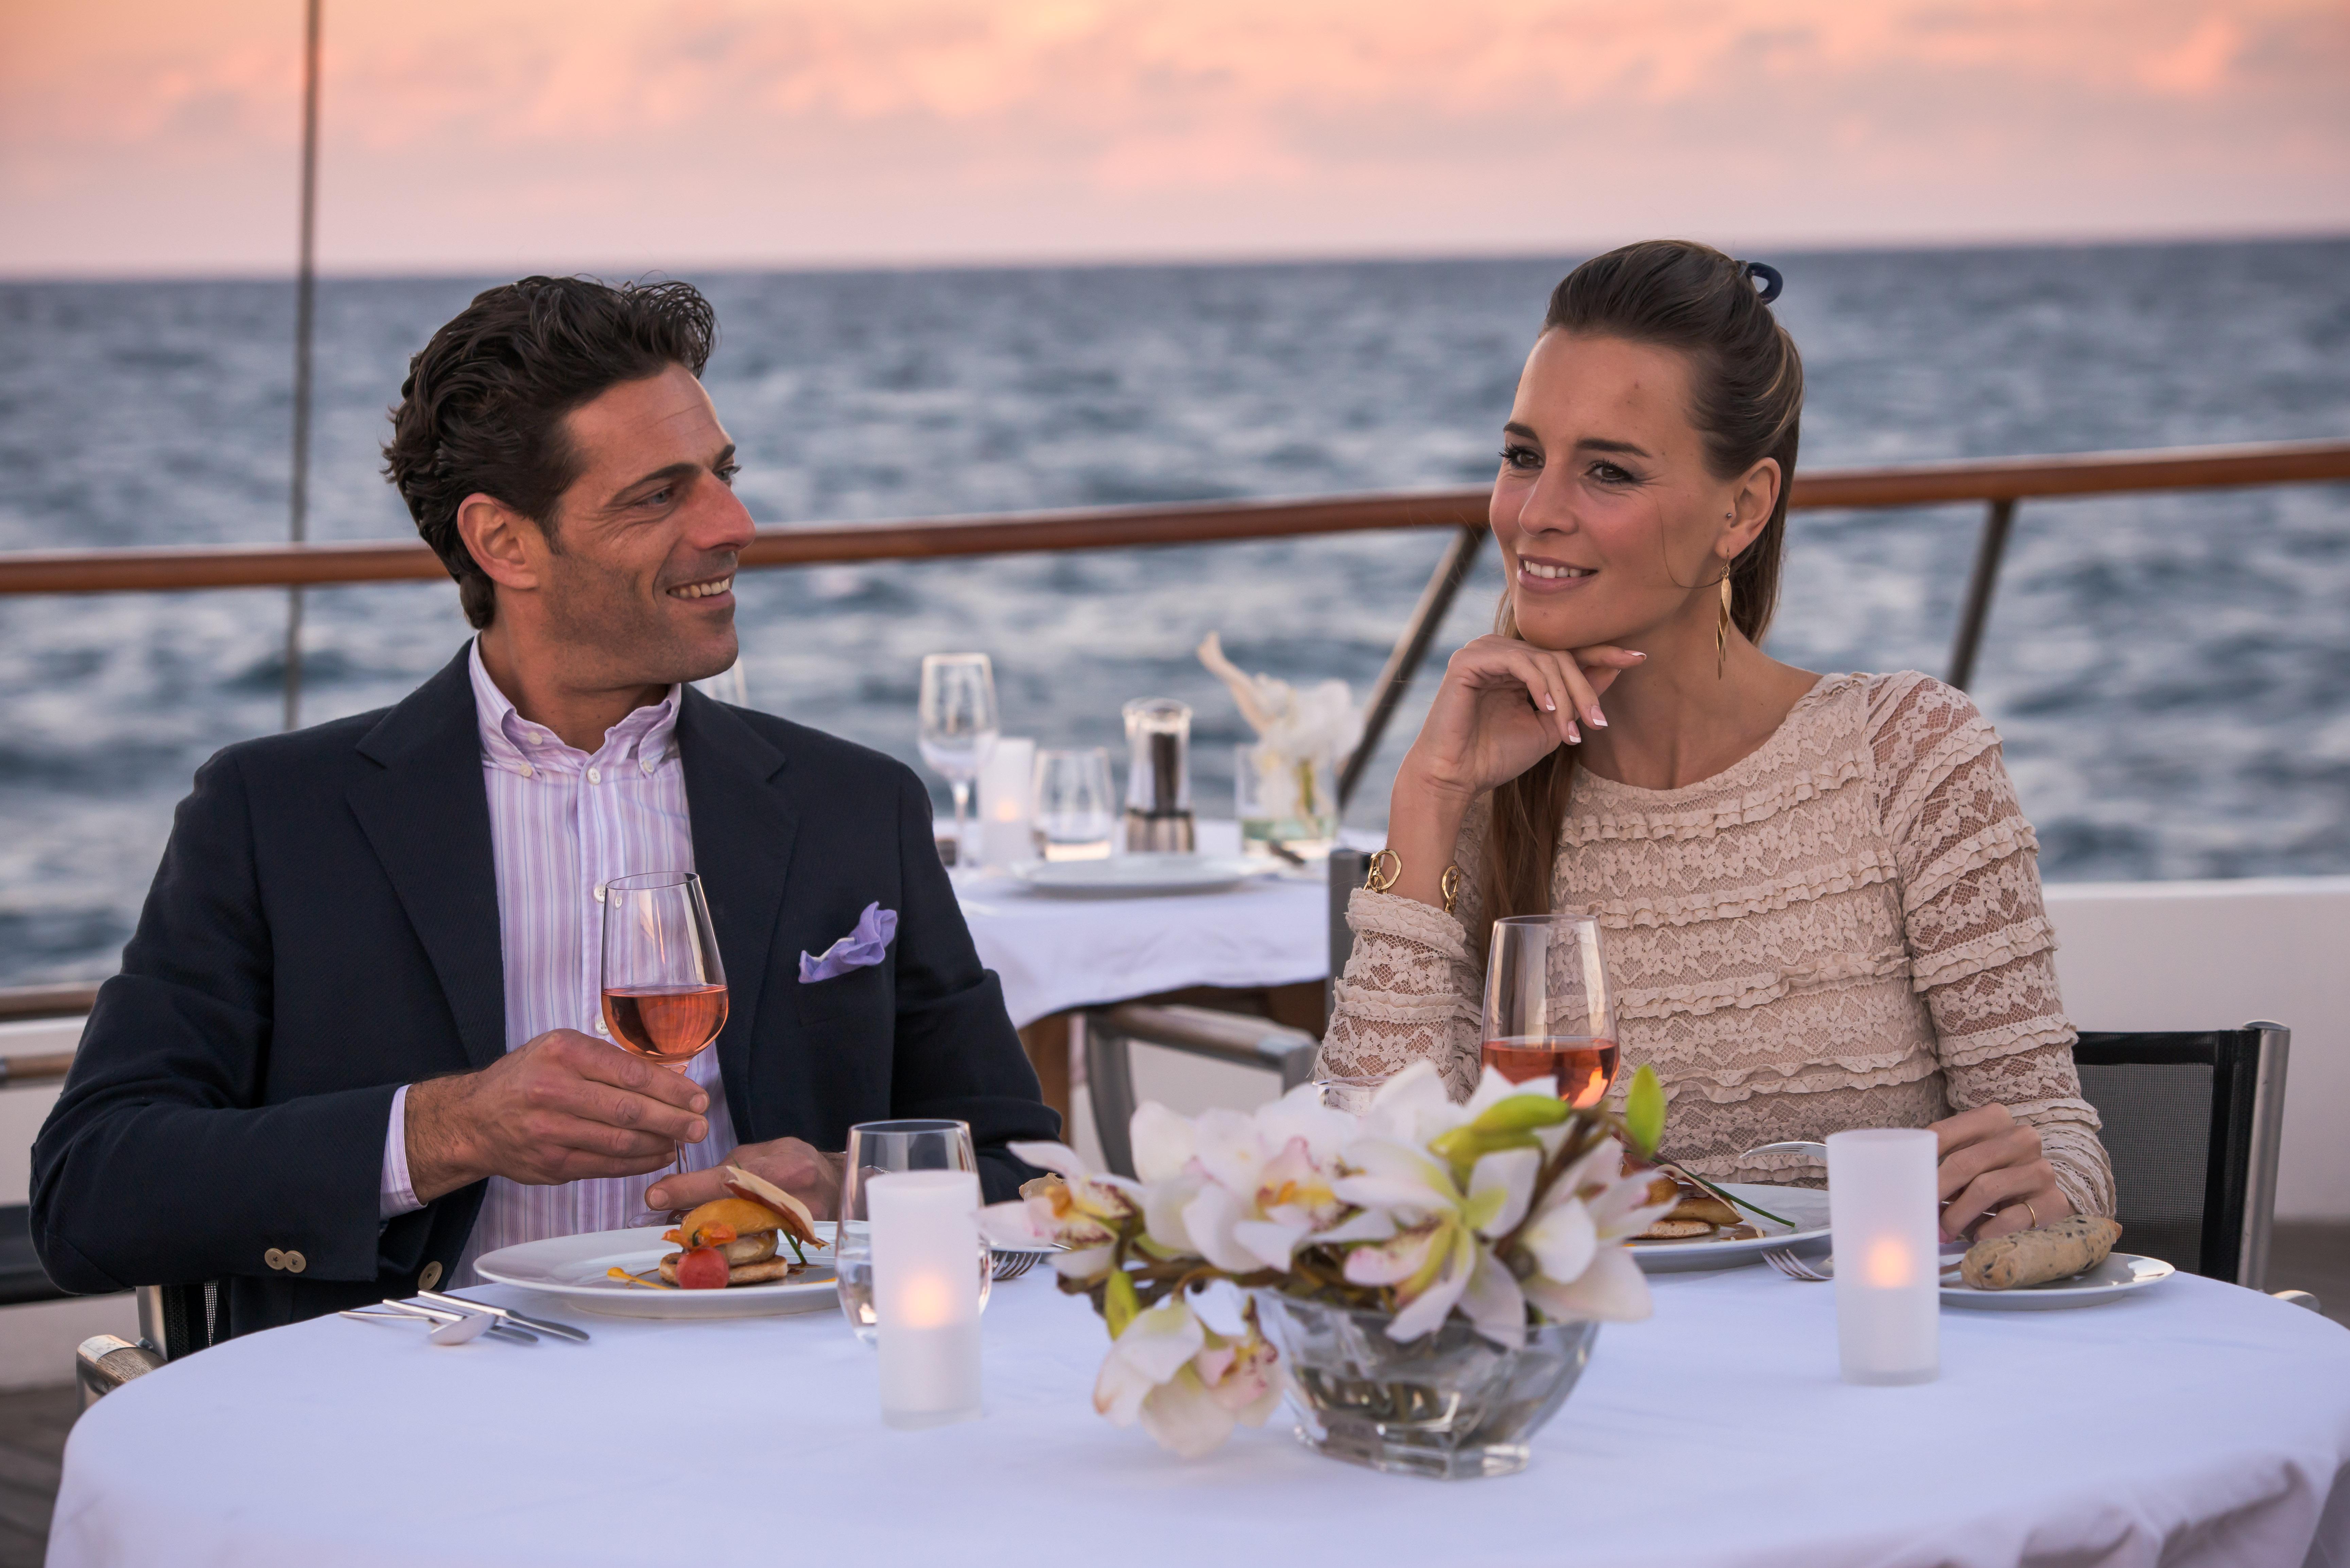 Ponant Le Ponant Exterior Couple Dining on Deck 2.JPEG